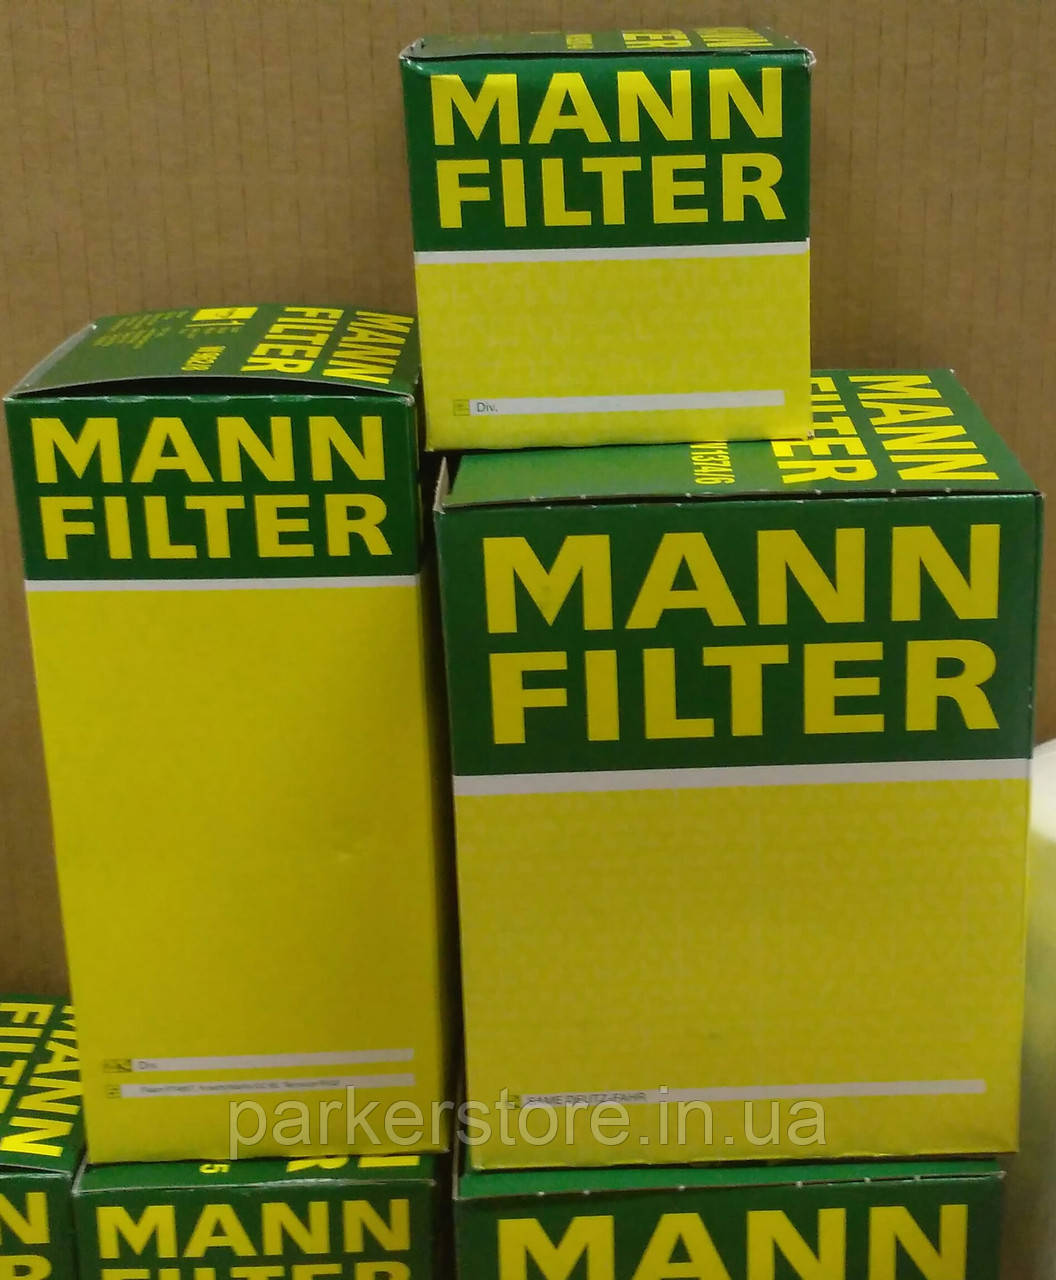 MANN FILTER / Повітряний фільтр / C 30 125/2 / C30125/2